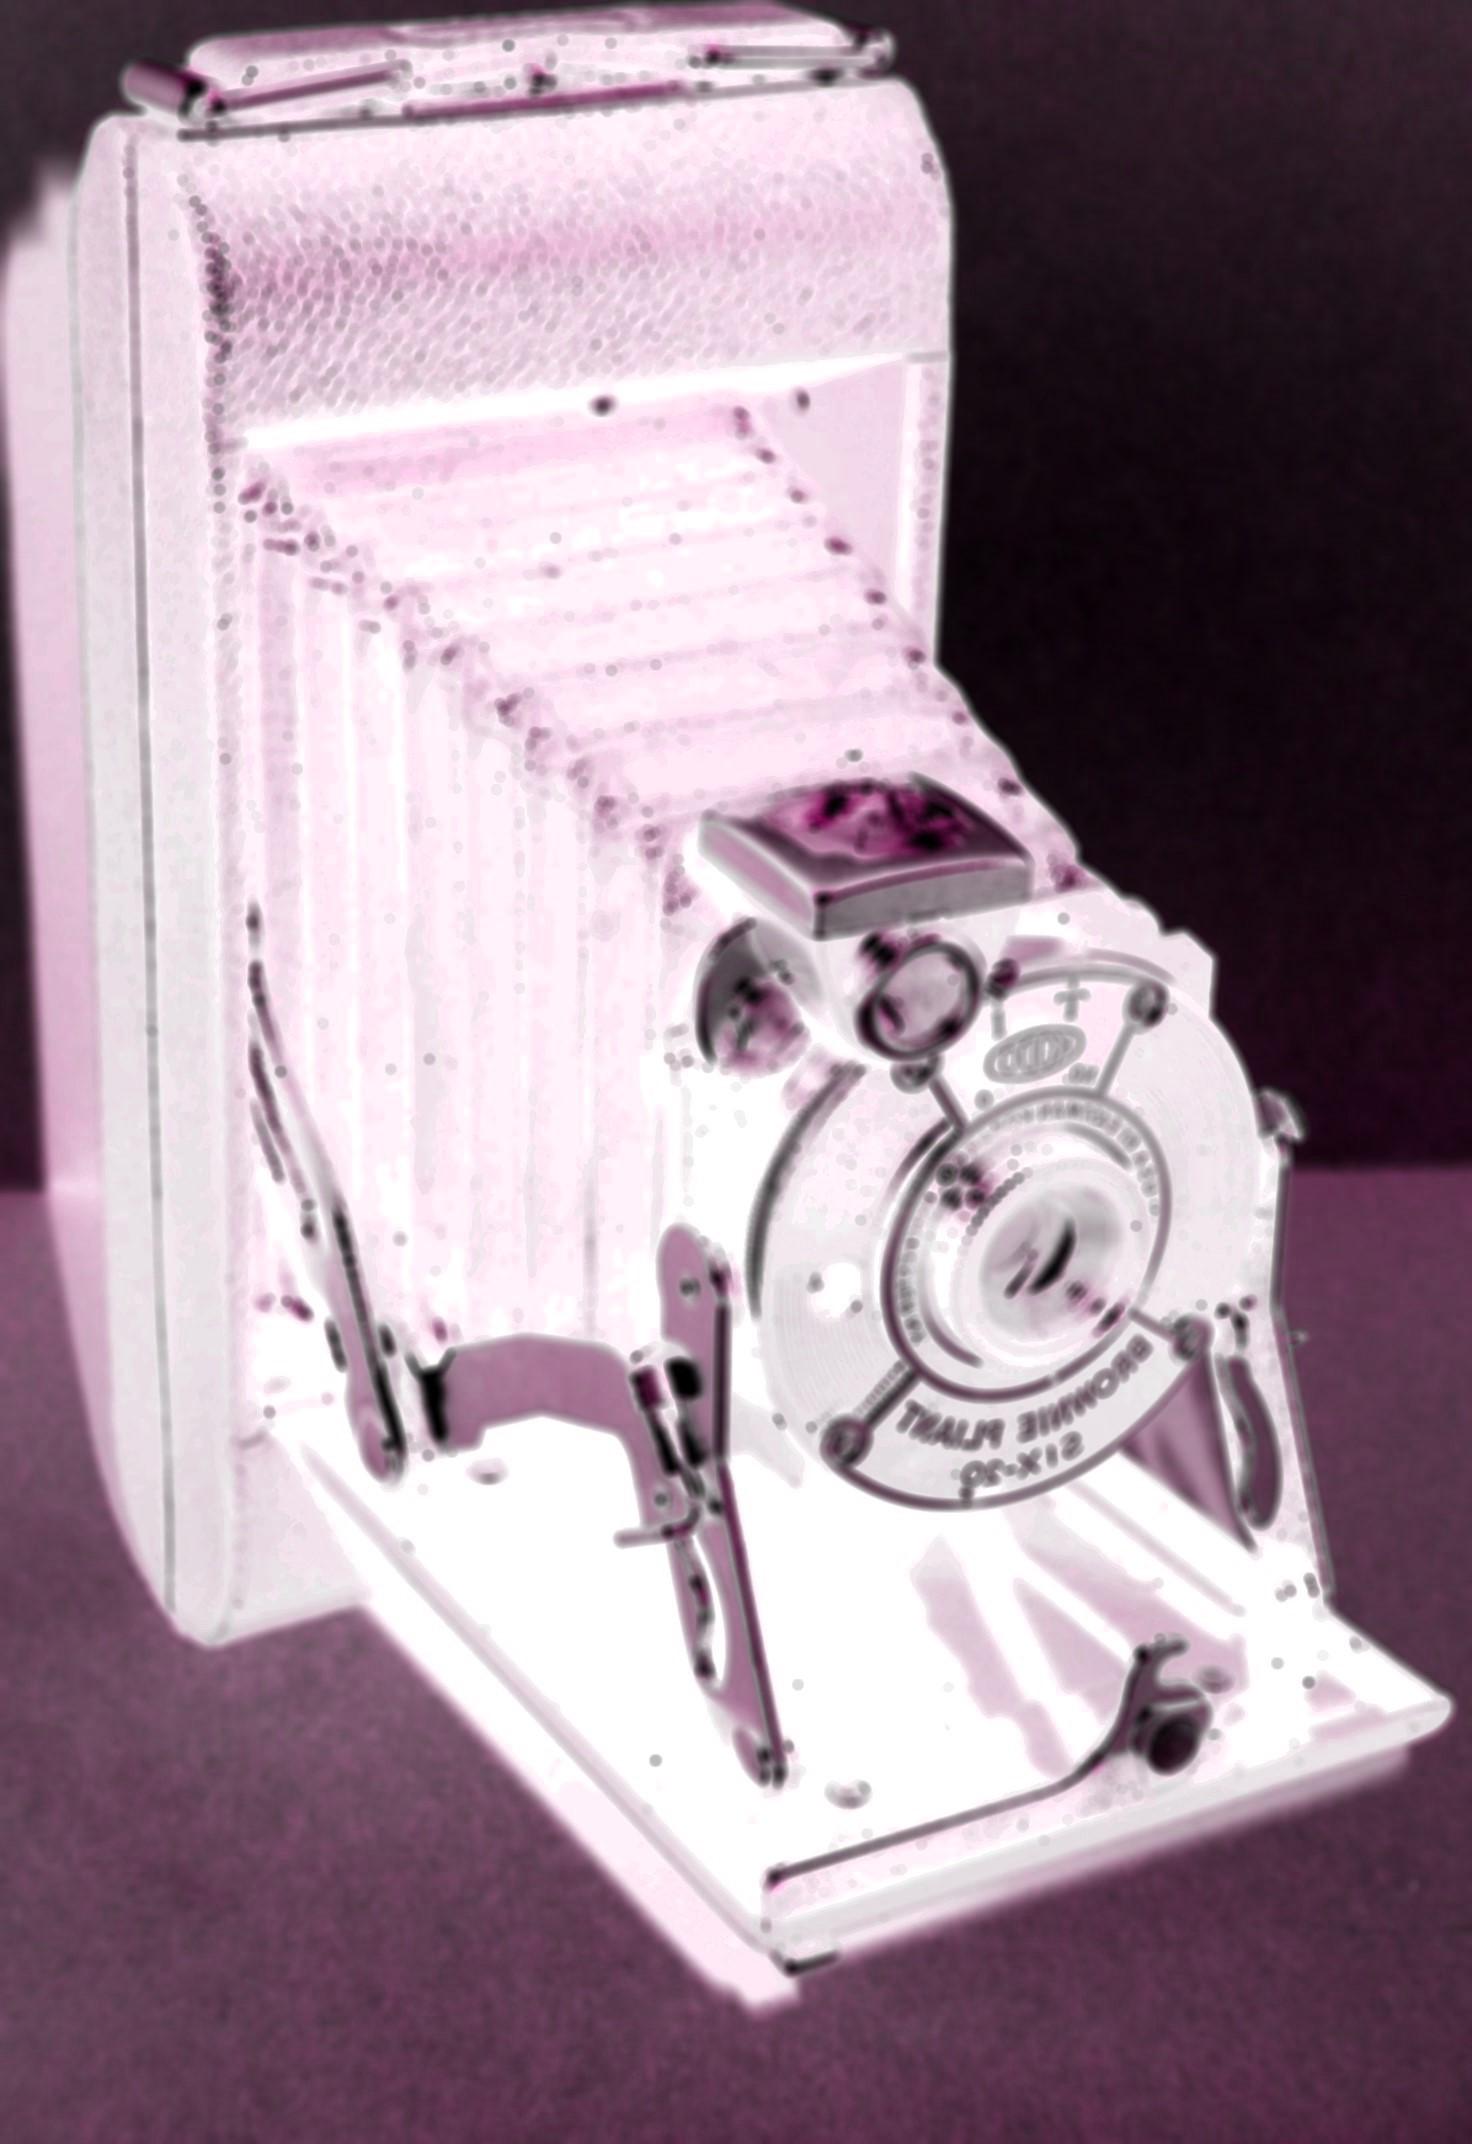 lutilisation-de-cet-appareil-photo.jpg